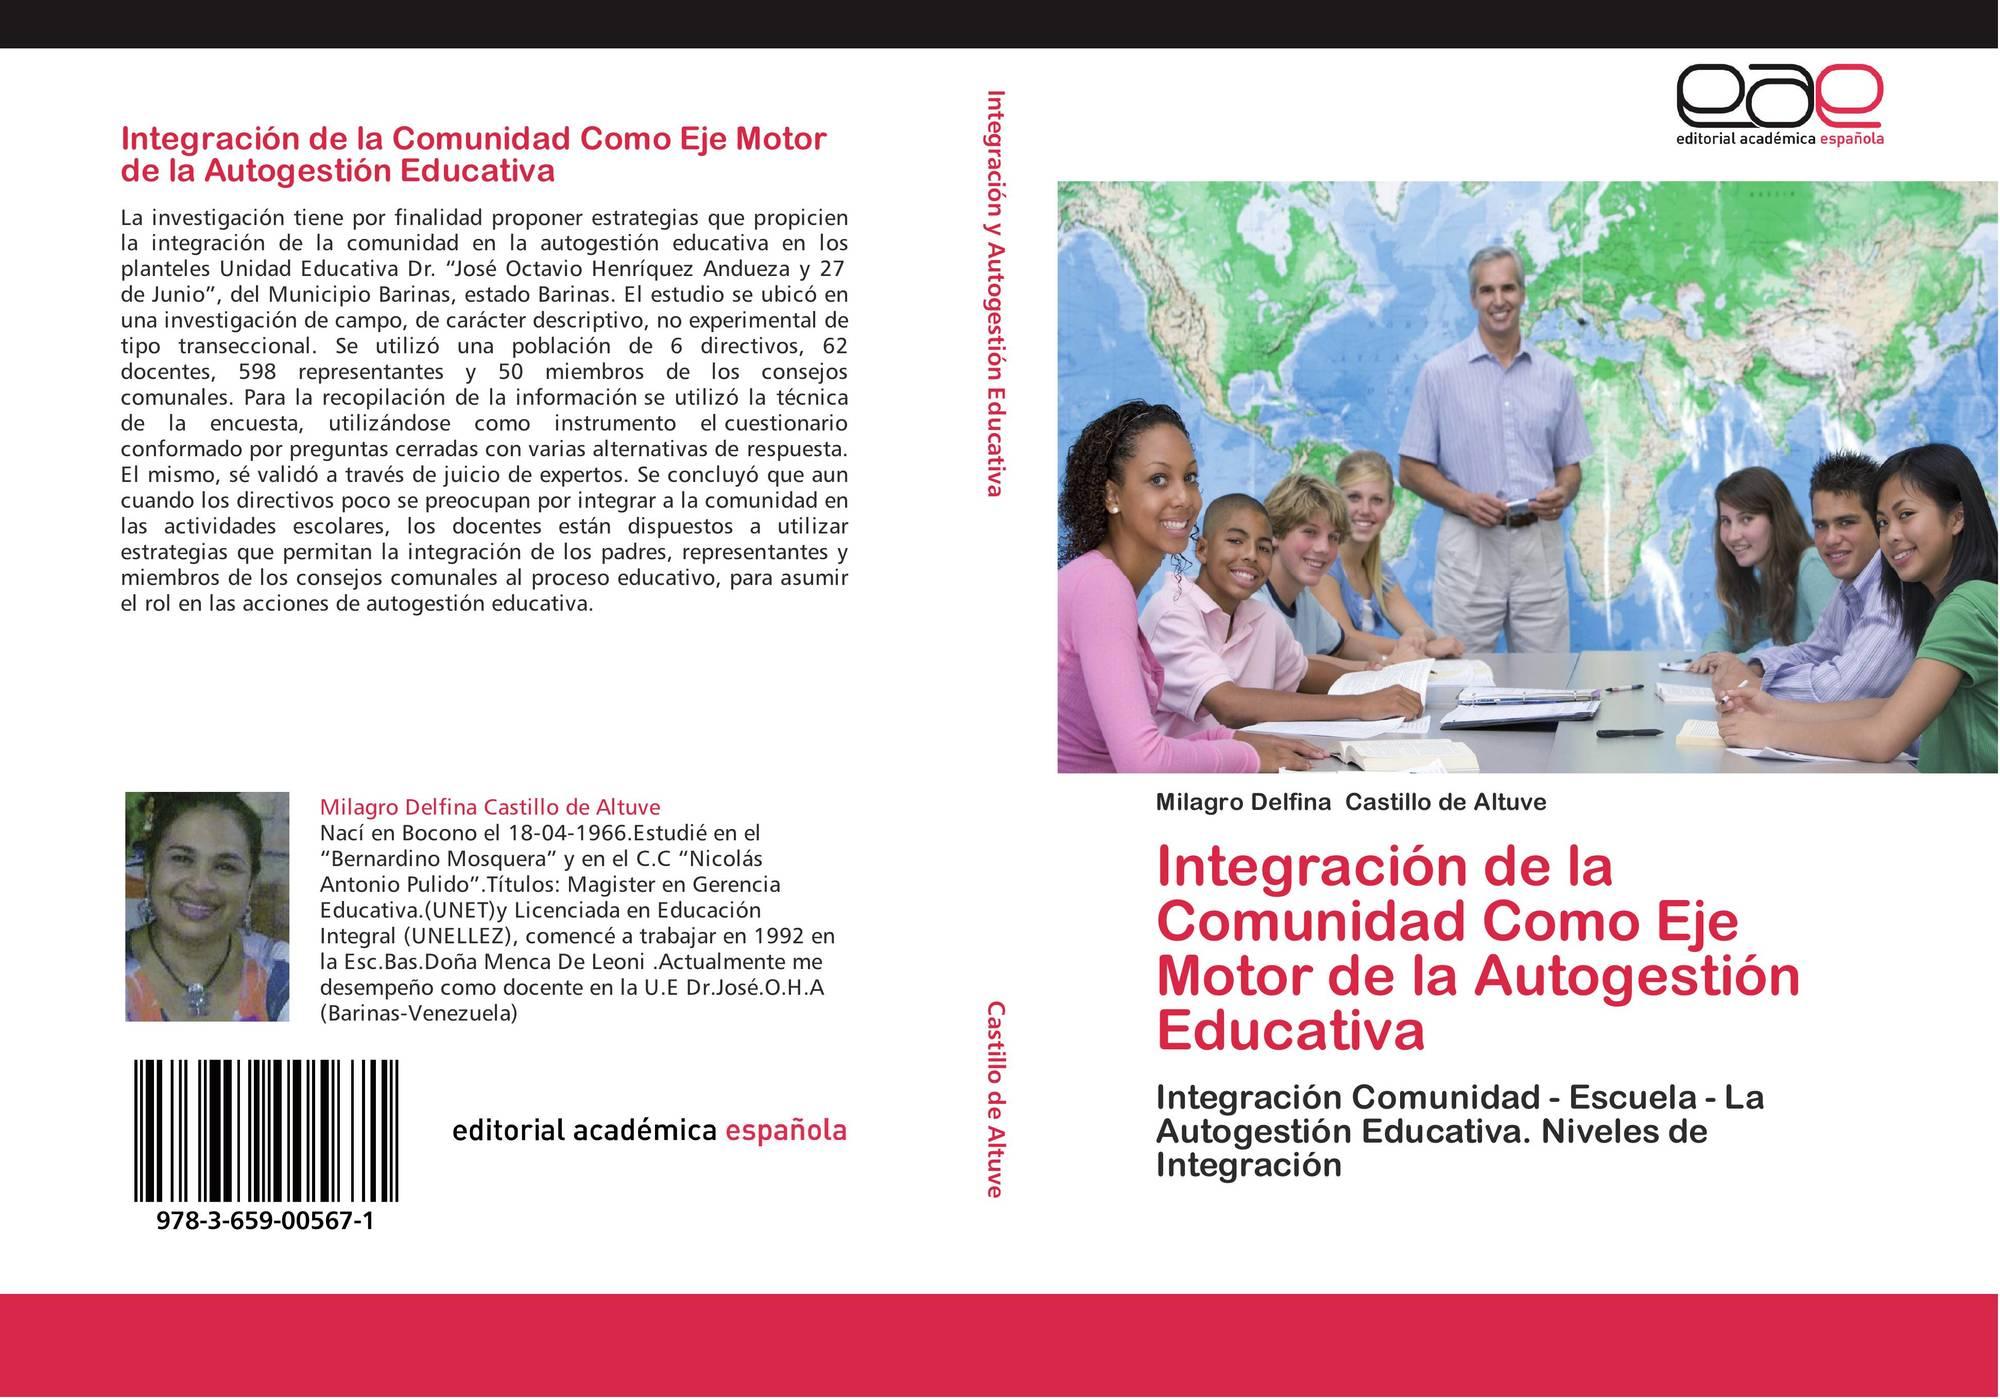 Integración de la Comunidad Como Eje Motor de la Autogestión Educativa